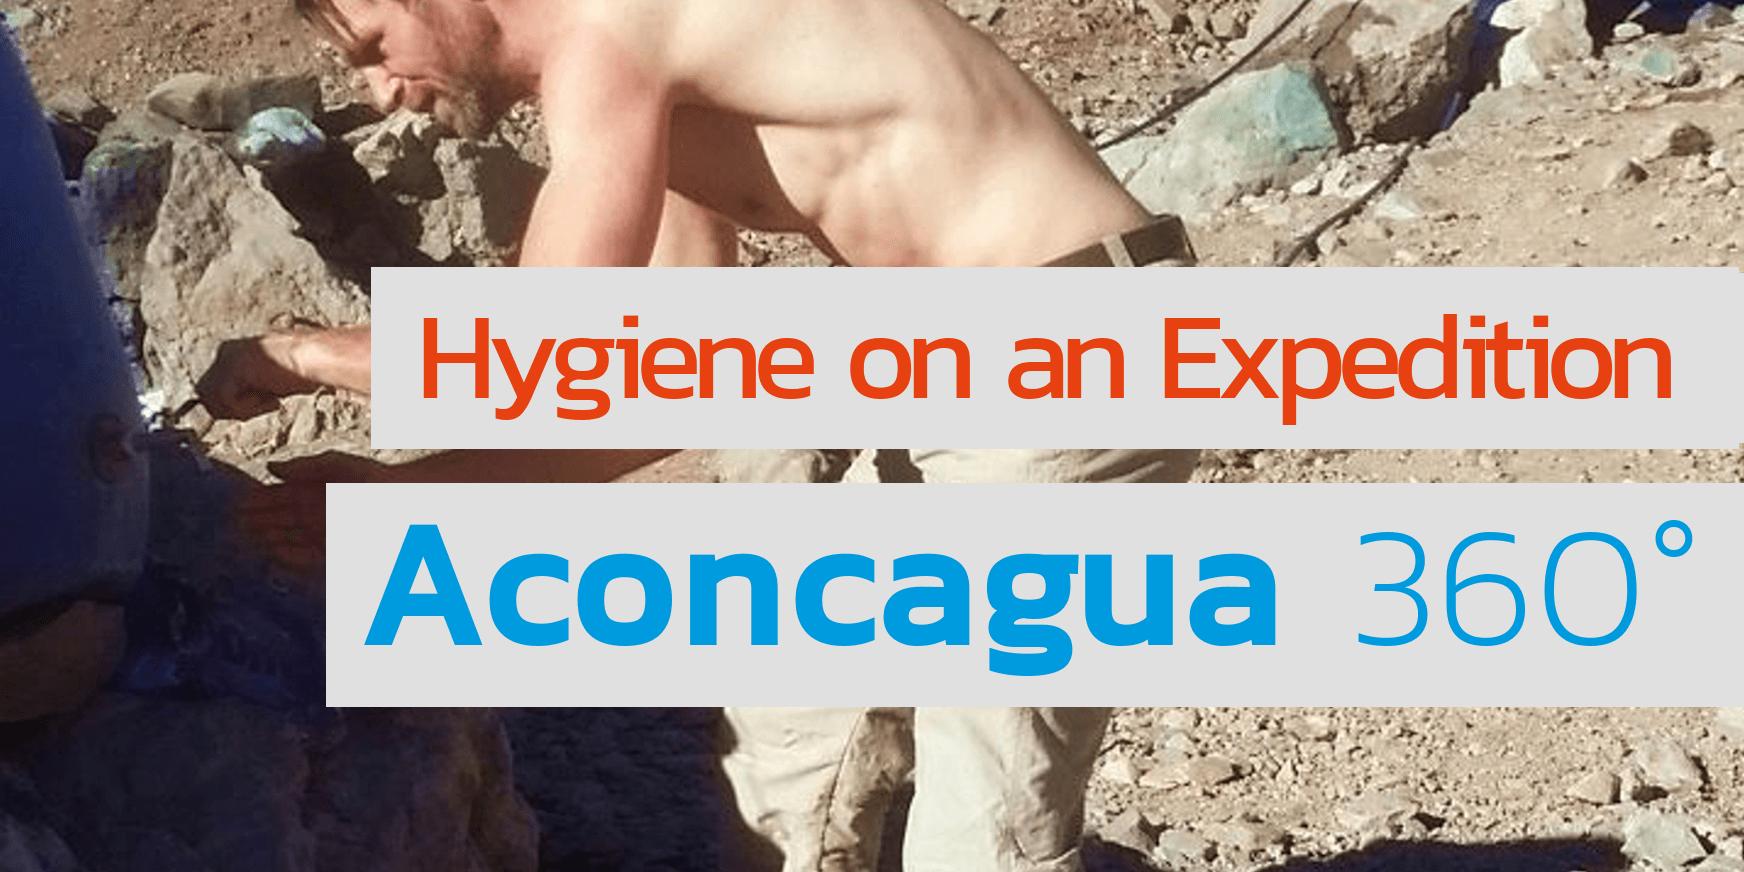 Waschen und Reinigen auf der Aconcagua-Expedition - 7summits4help auf Youtube